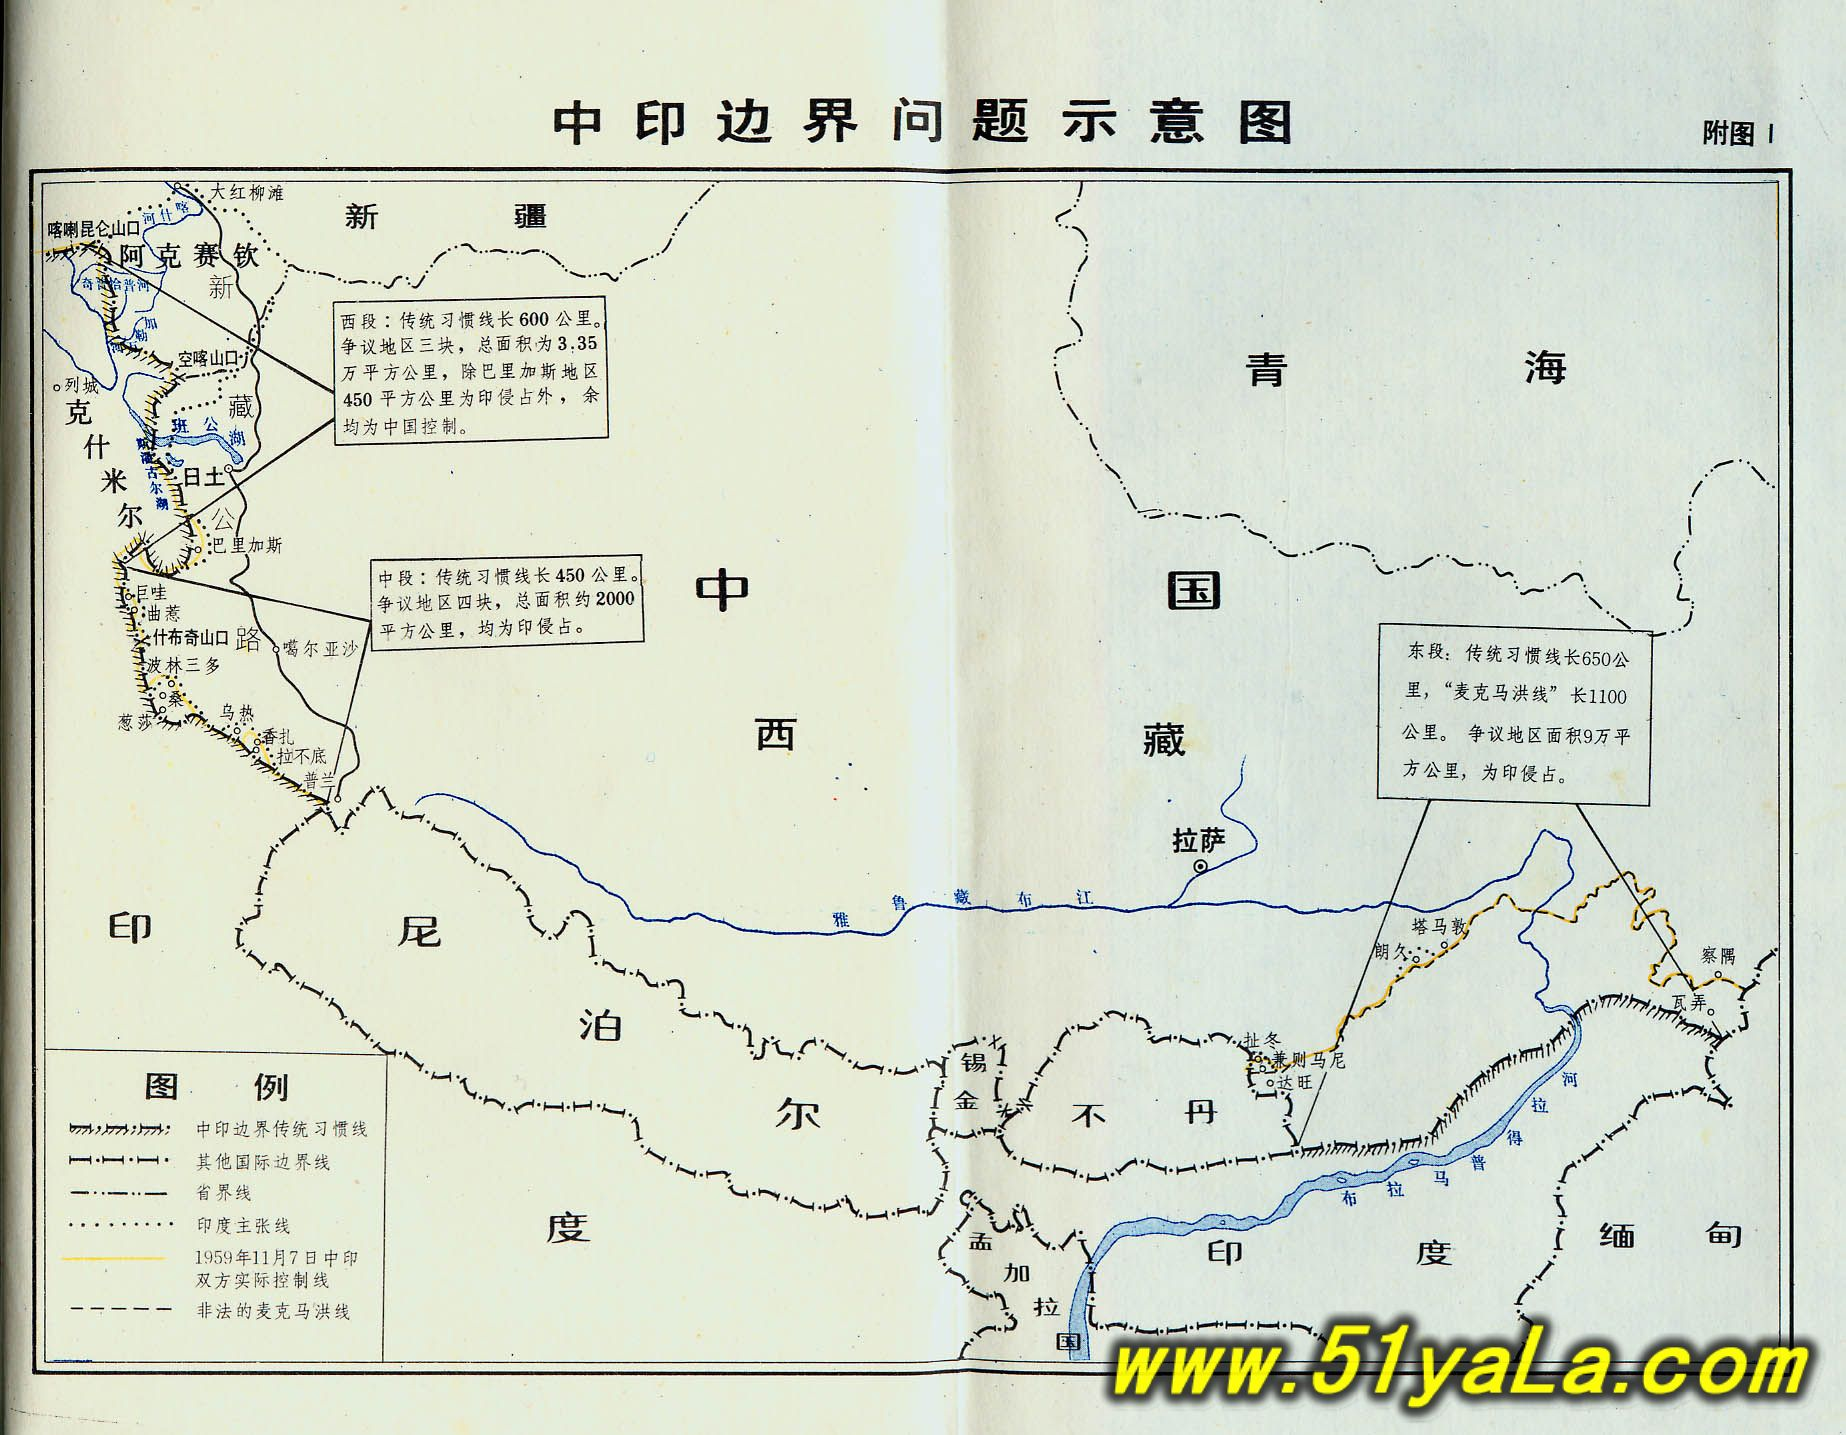 西藏地区 中印边界地图 地图大全